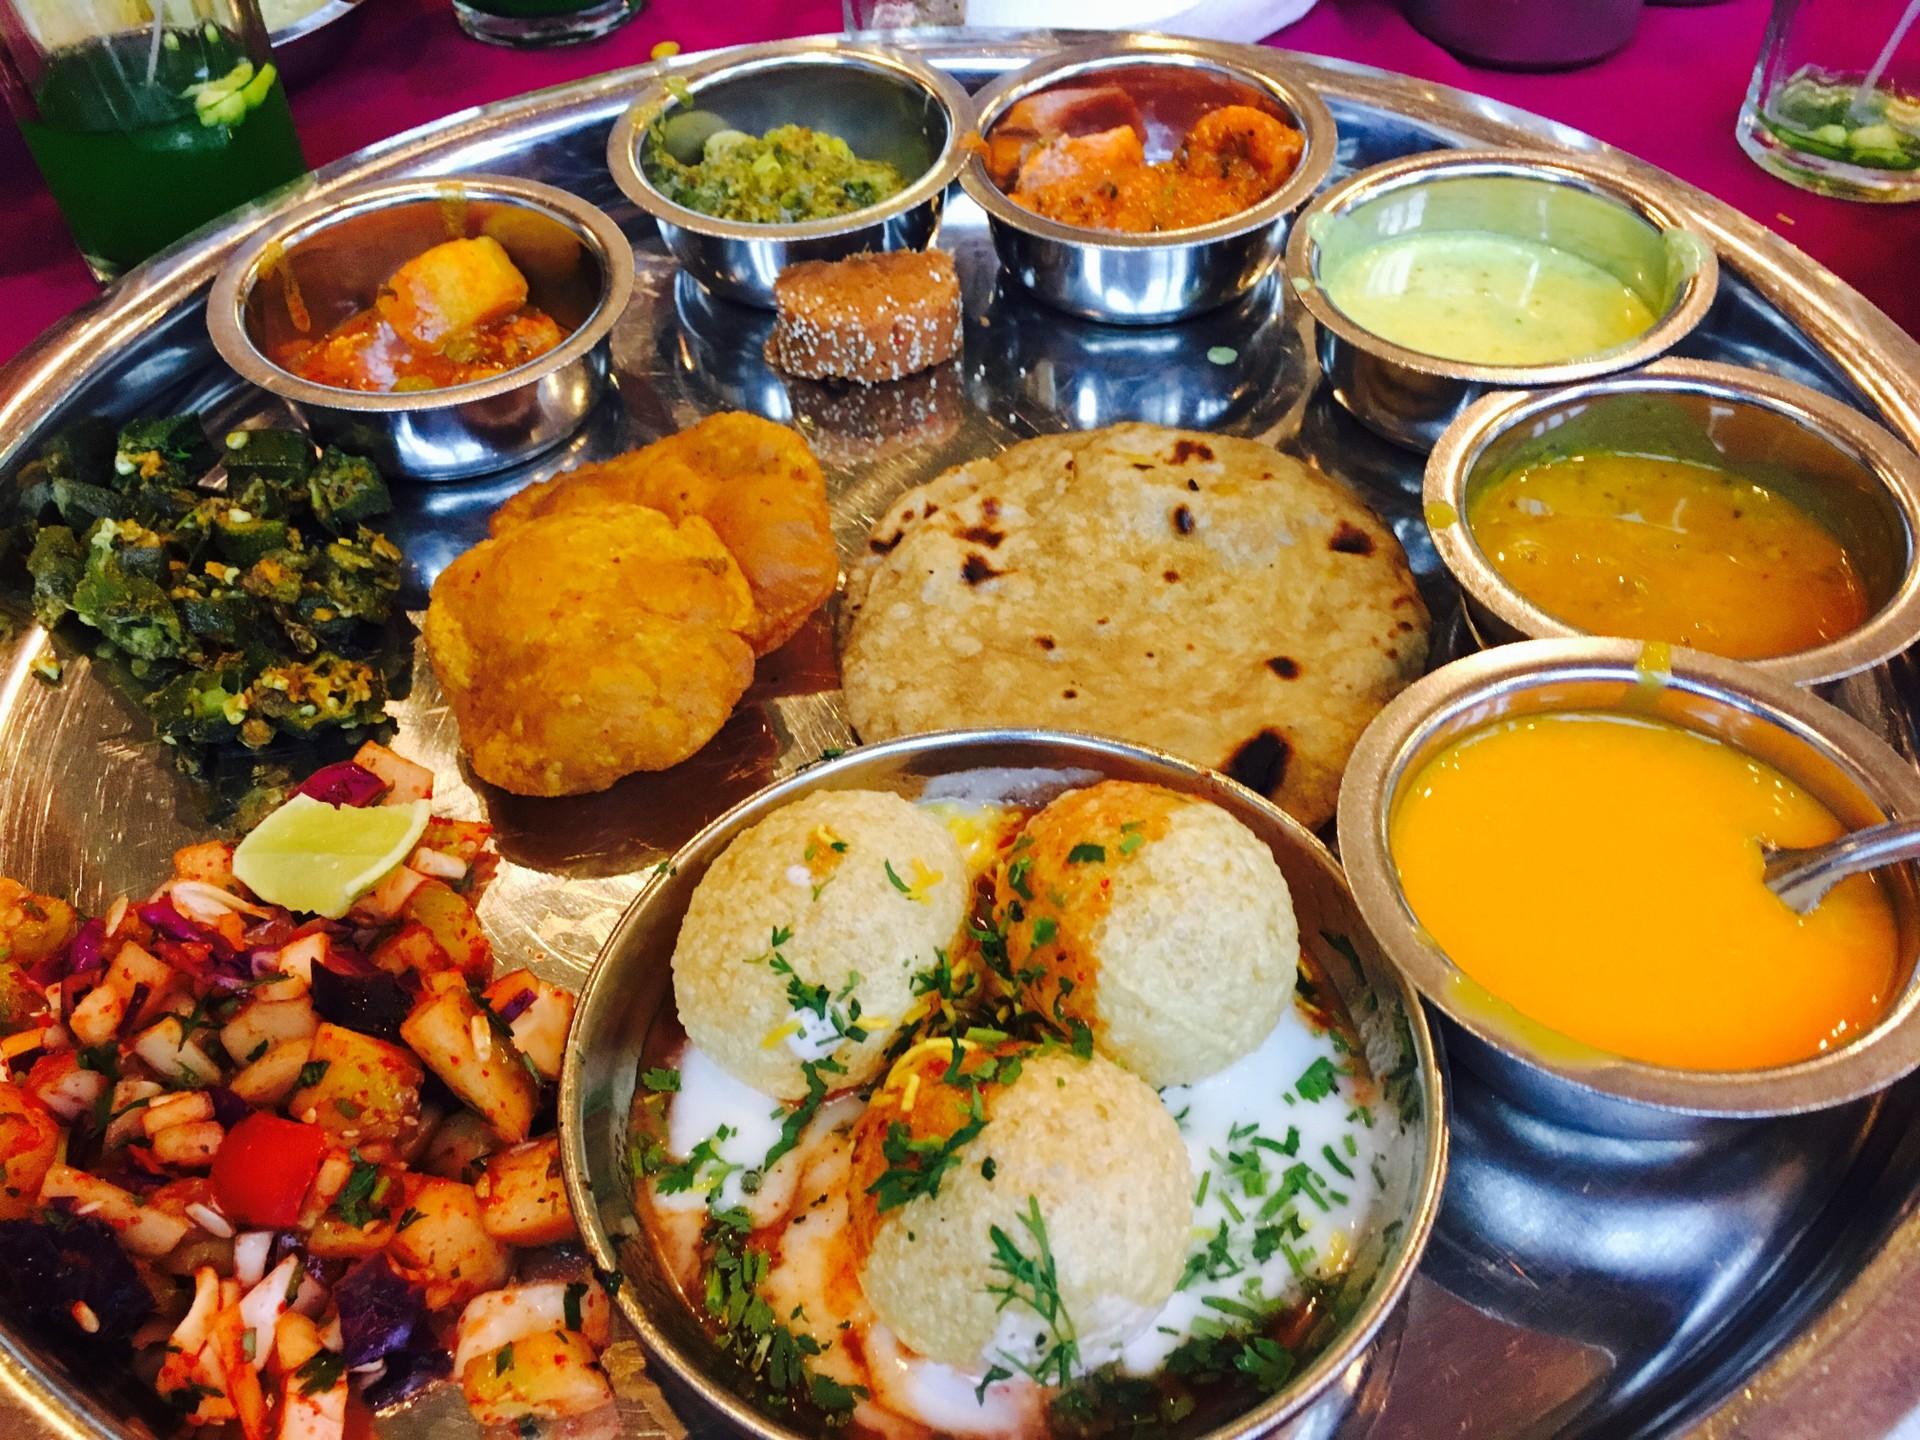 Thali dish in India